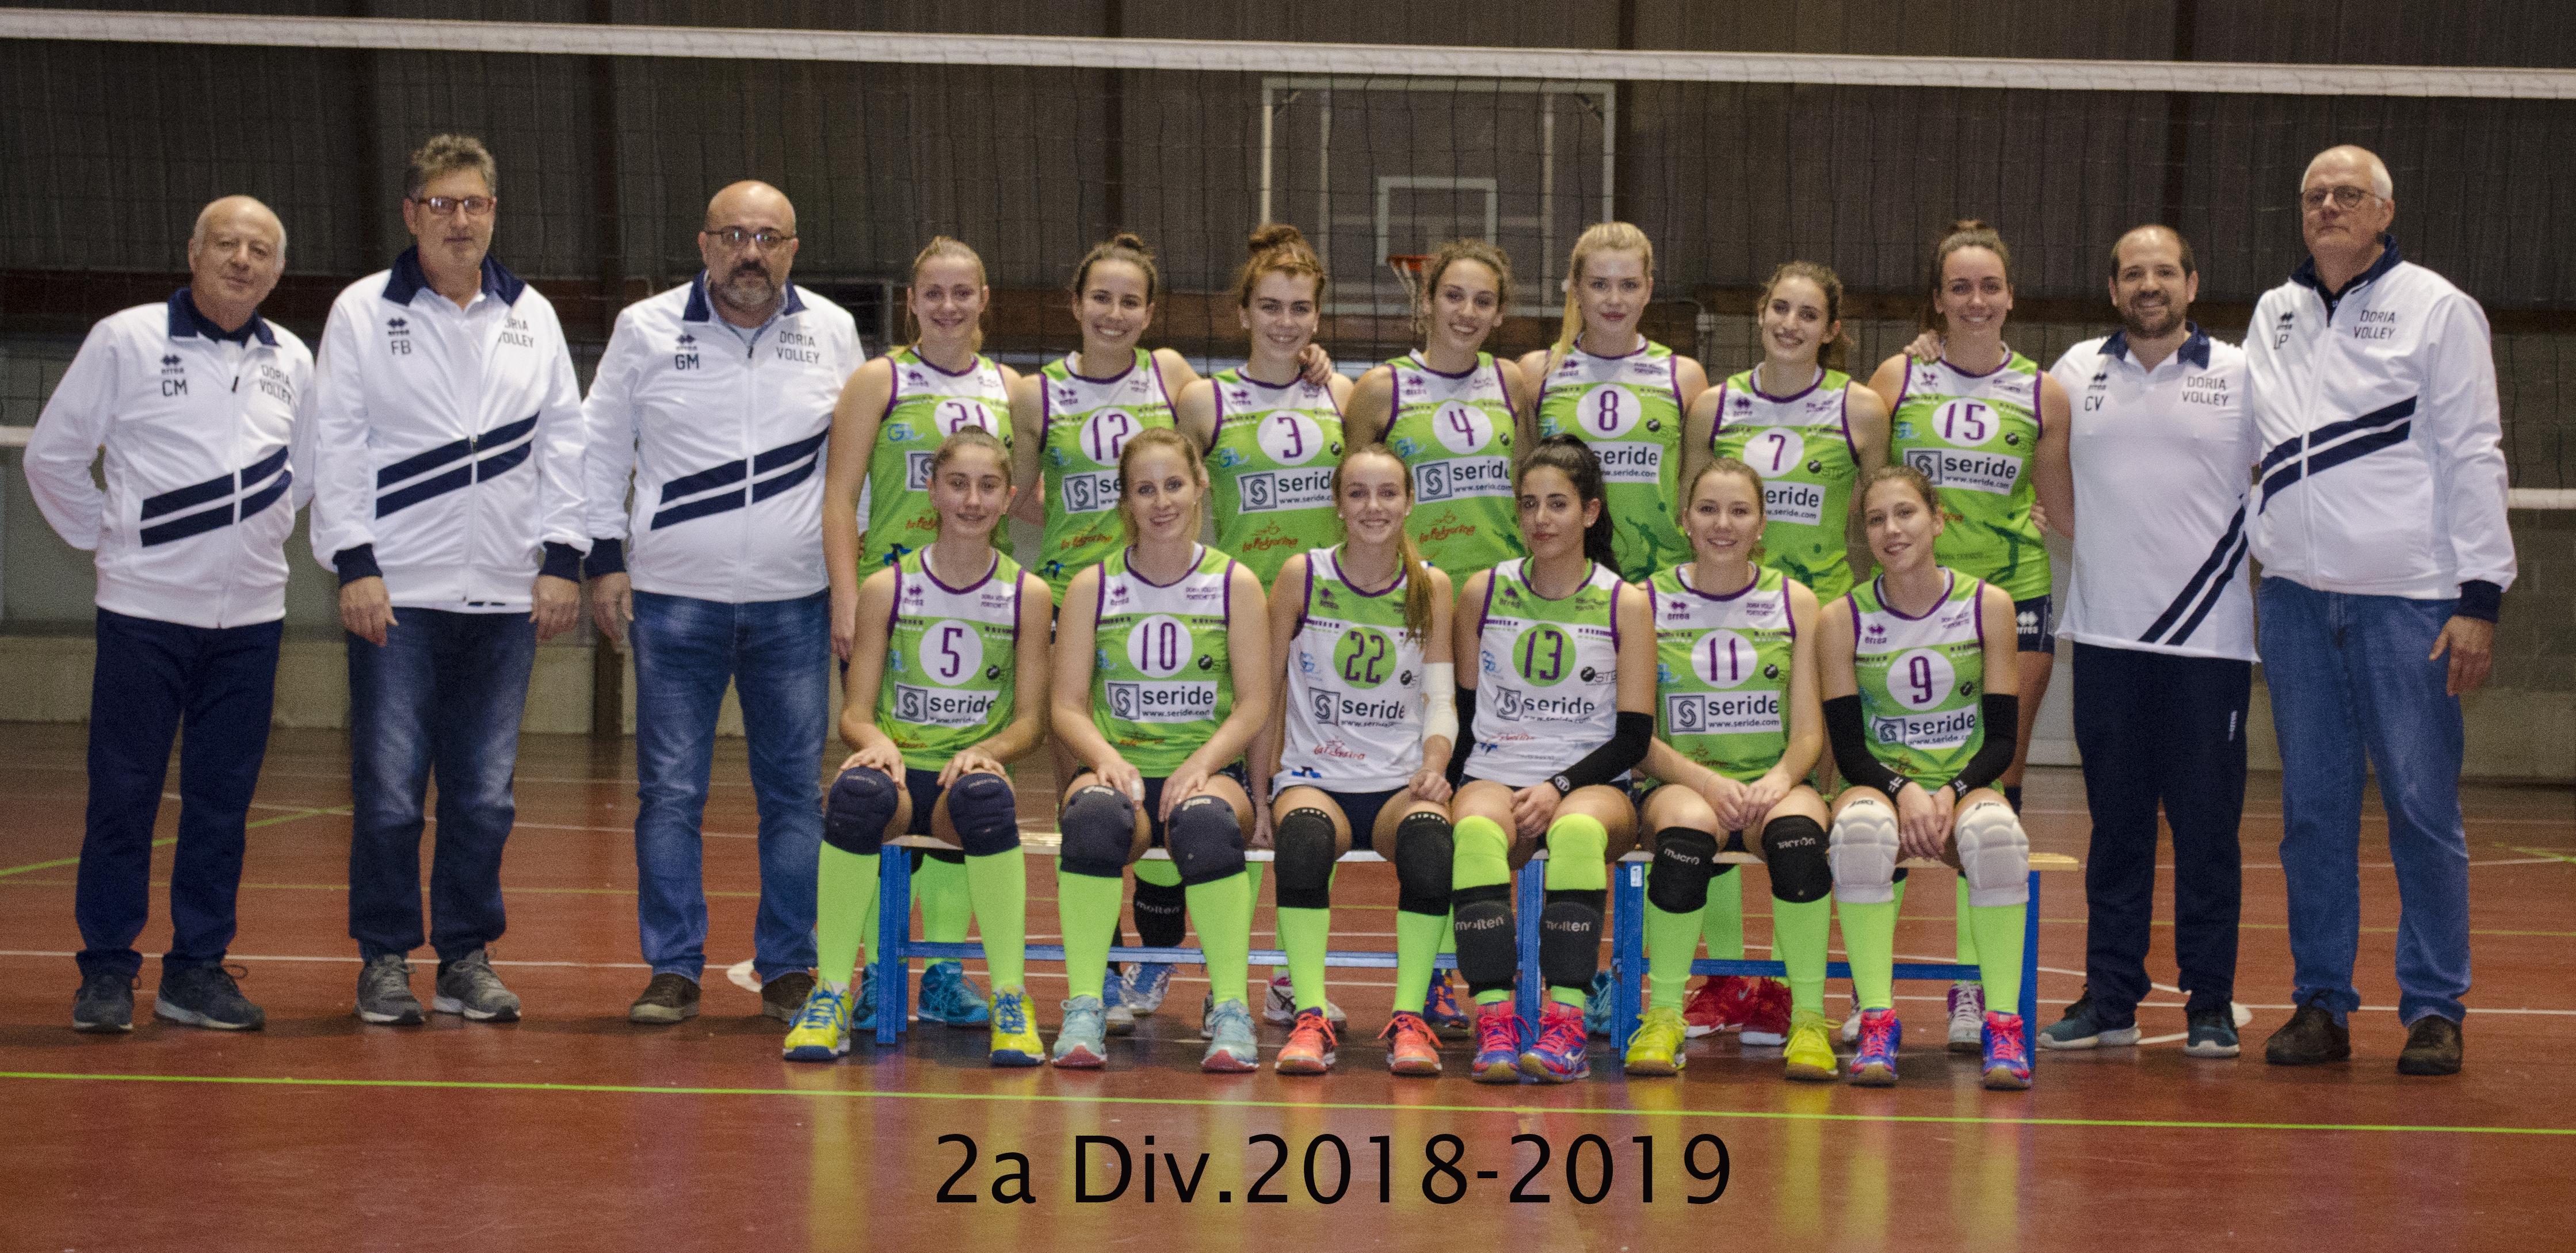 doria 2aDiv_4